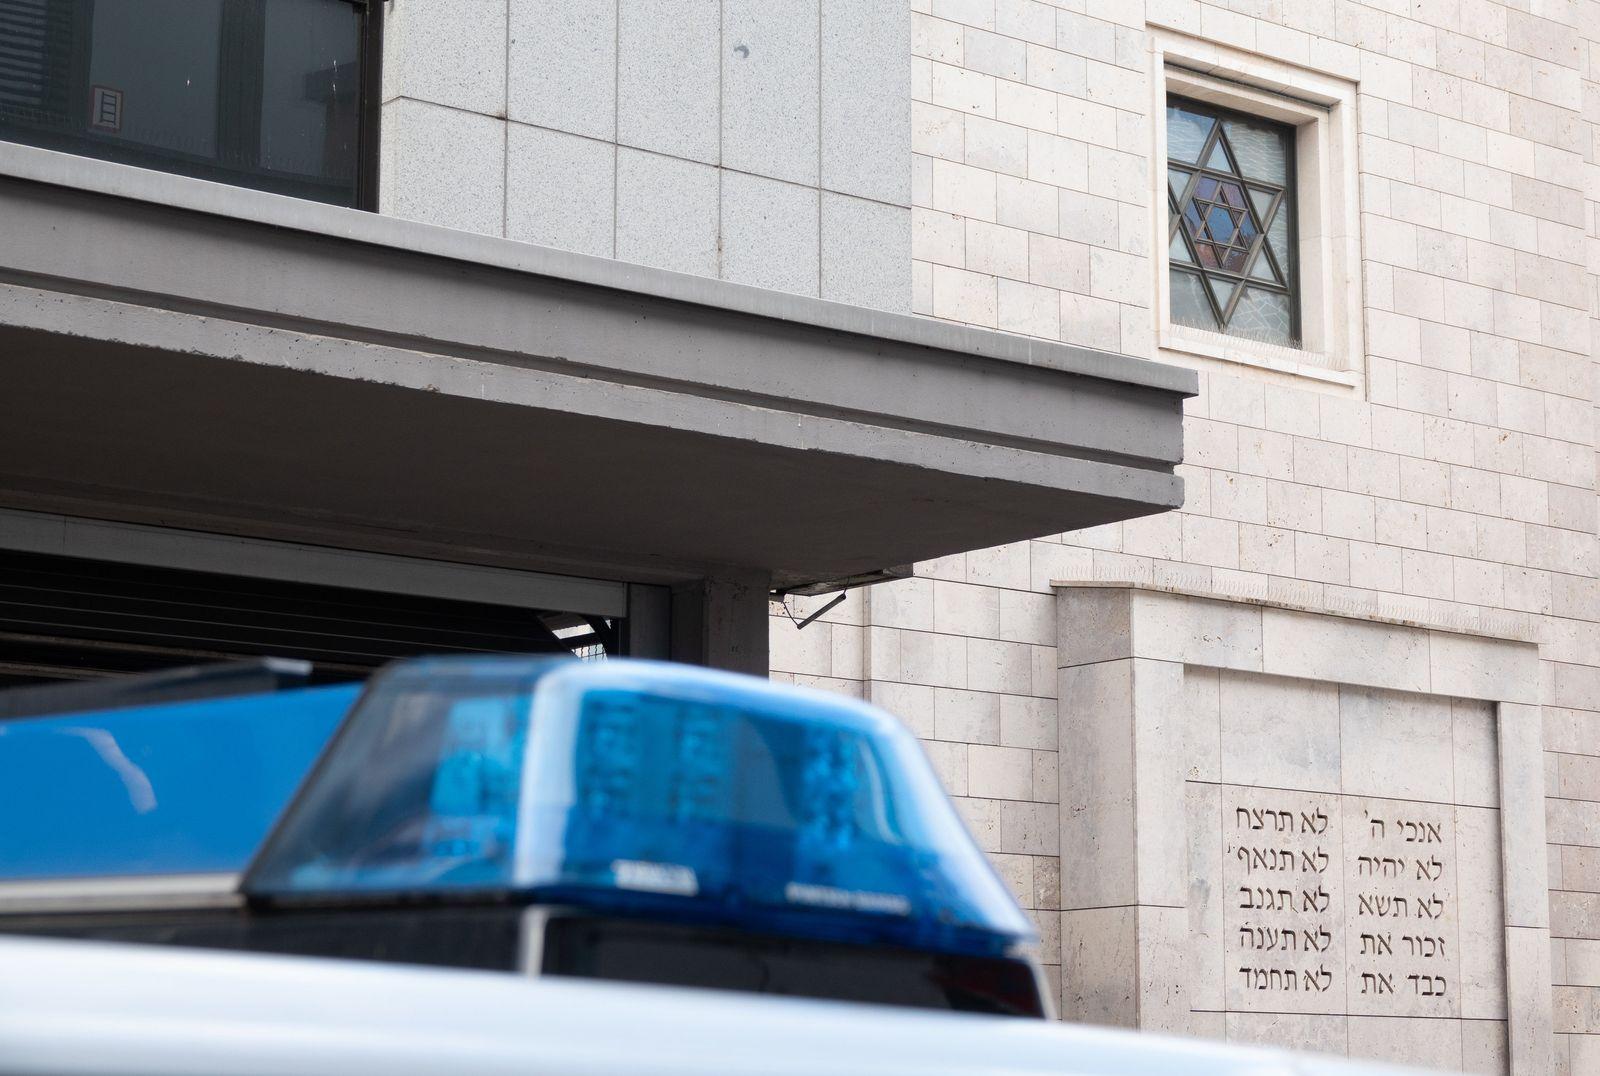 Polizeischutz für jüdische Einrichtungen/ Synagoge